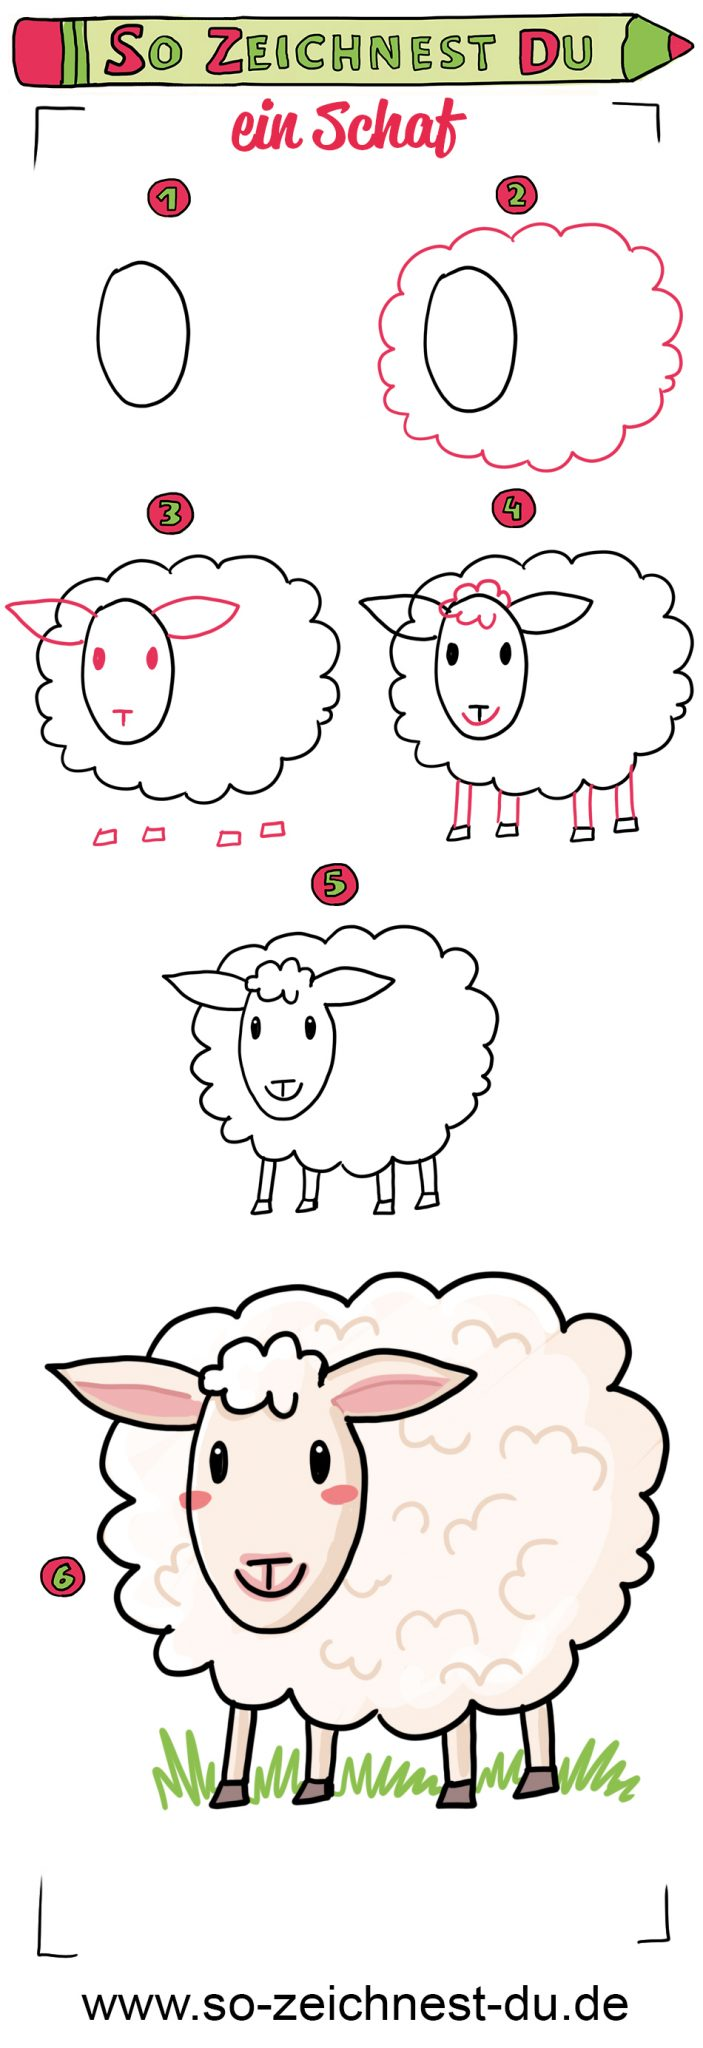 So zeichnest du ein süßes Schaf Bauernhof